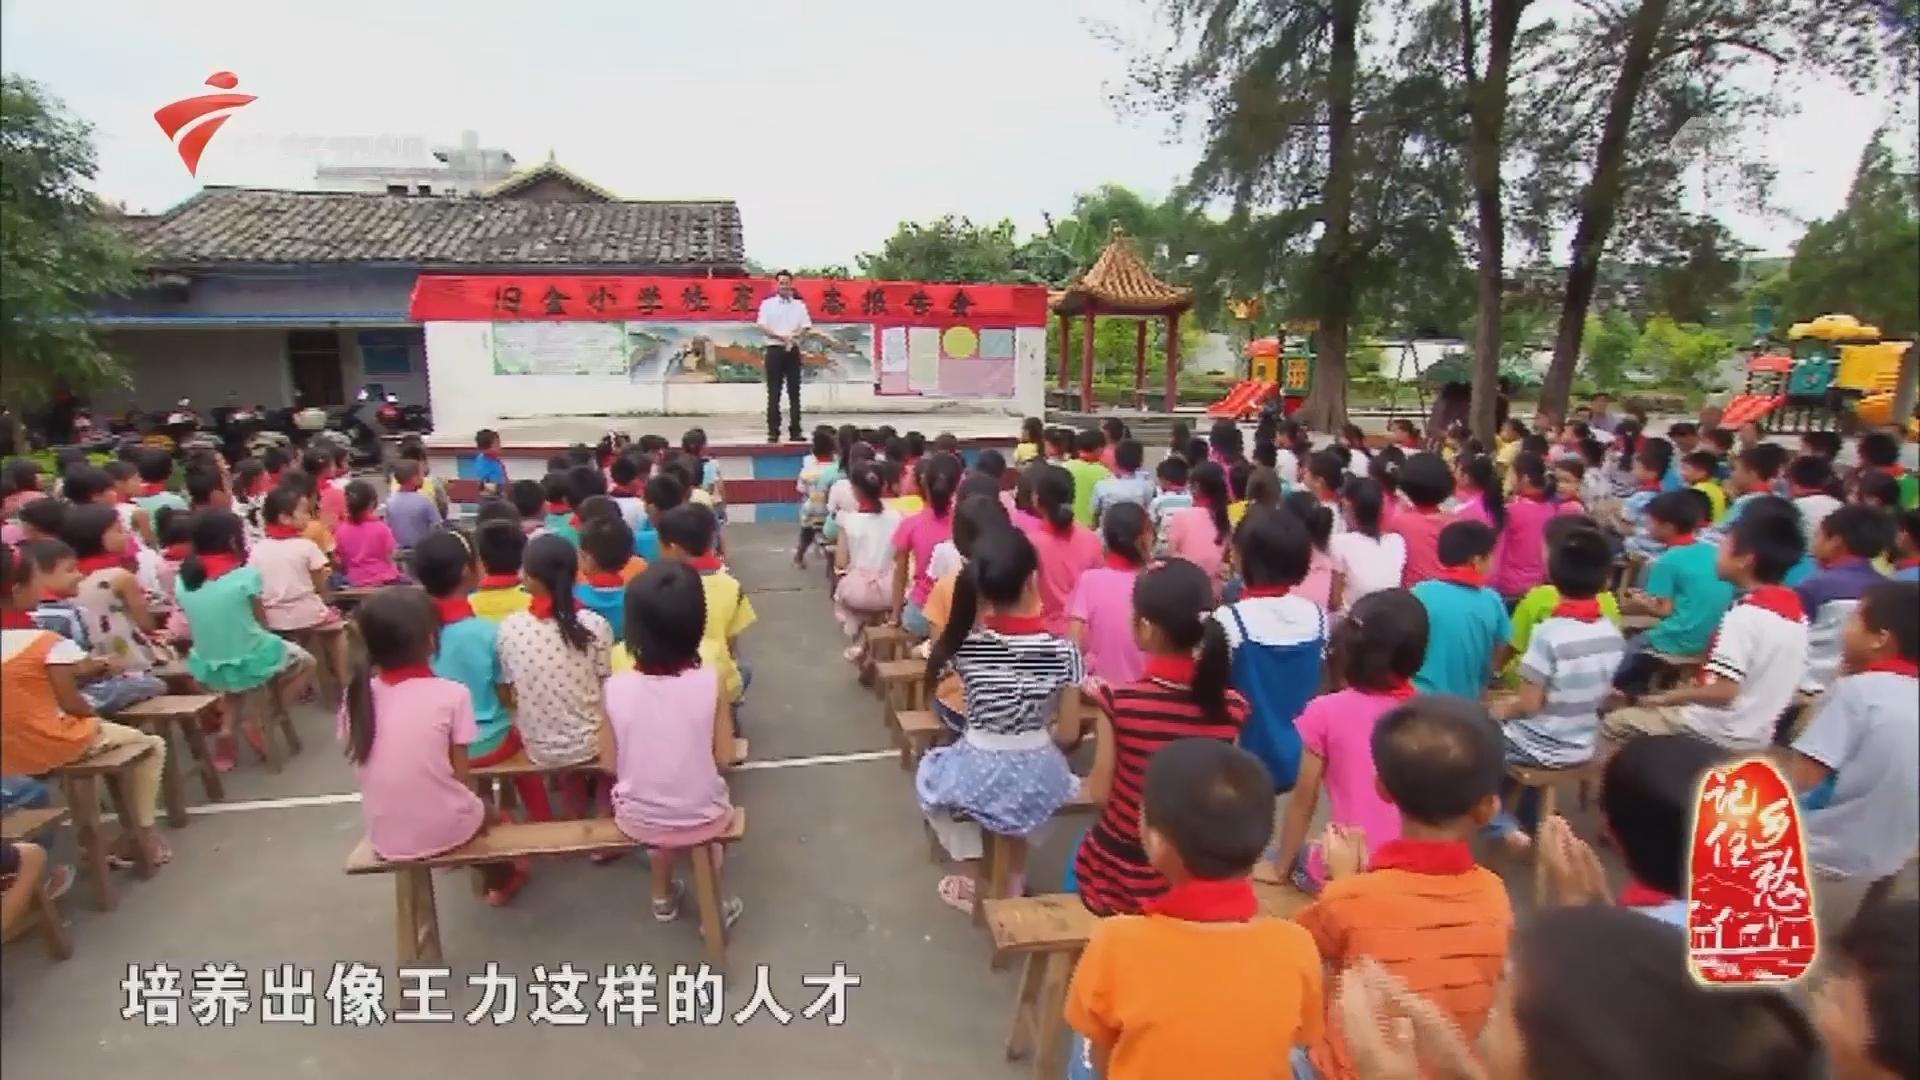 金圭塘——崇文重教